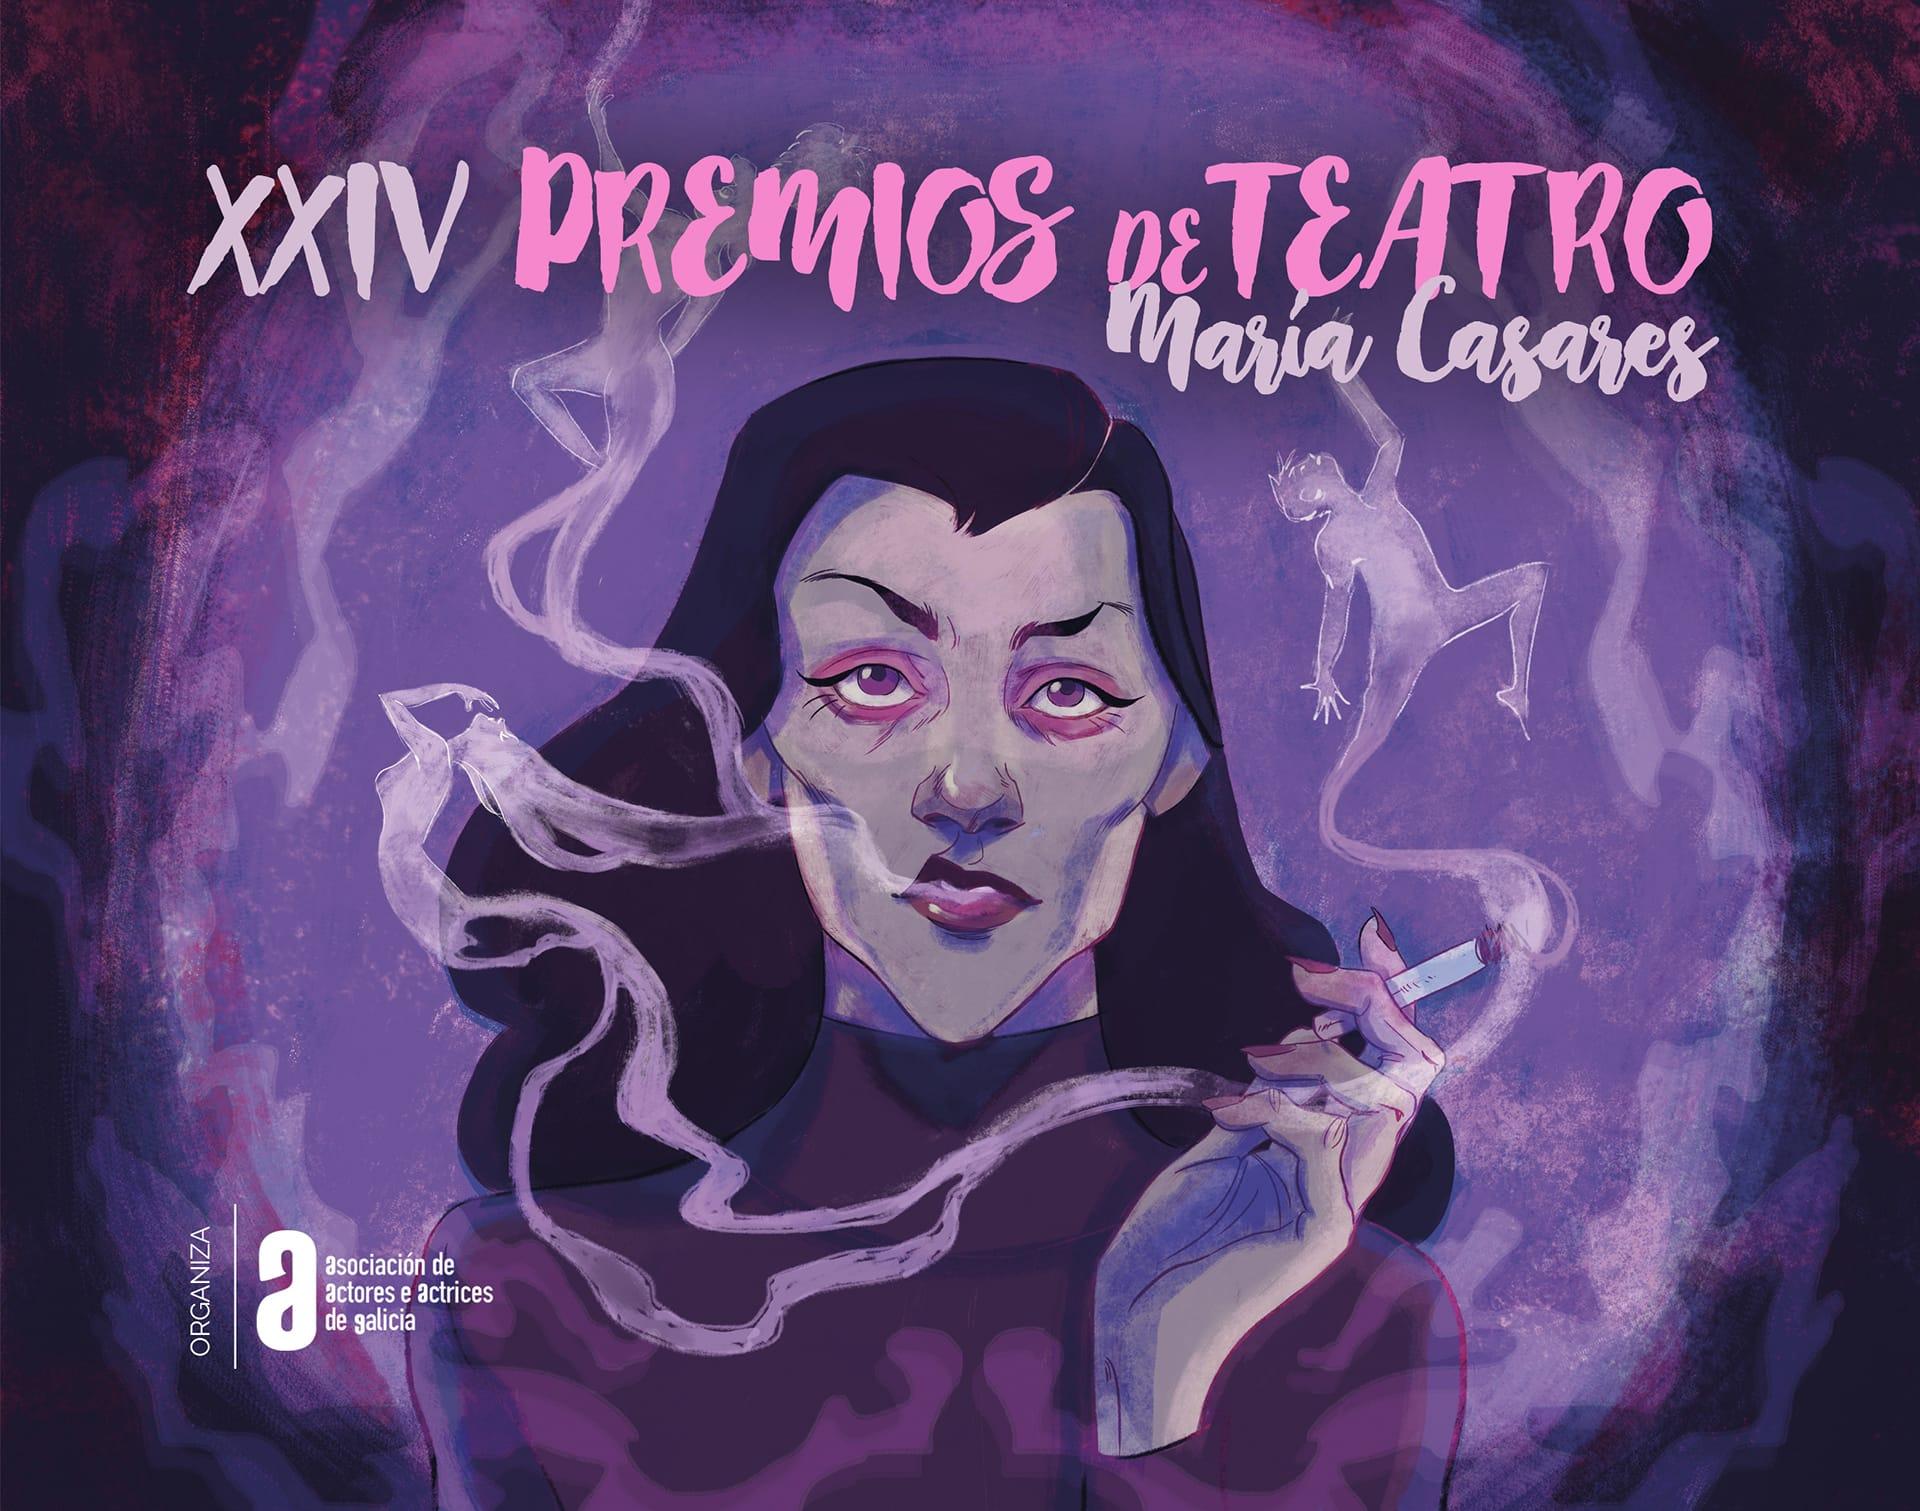 Premios de Teatro María Casares